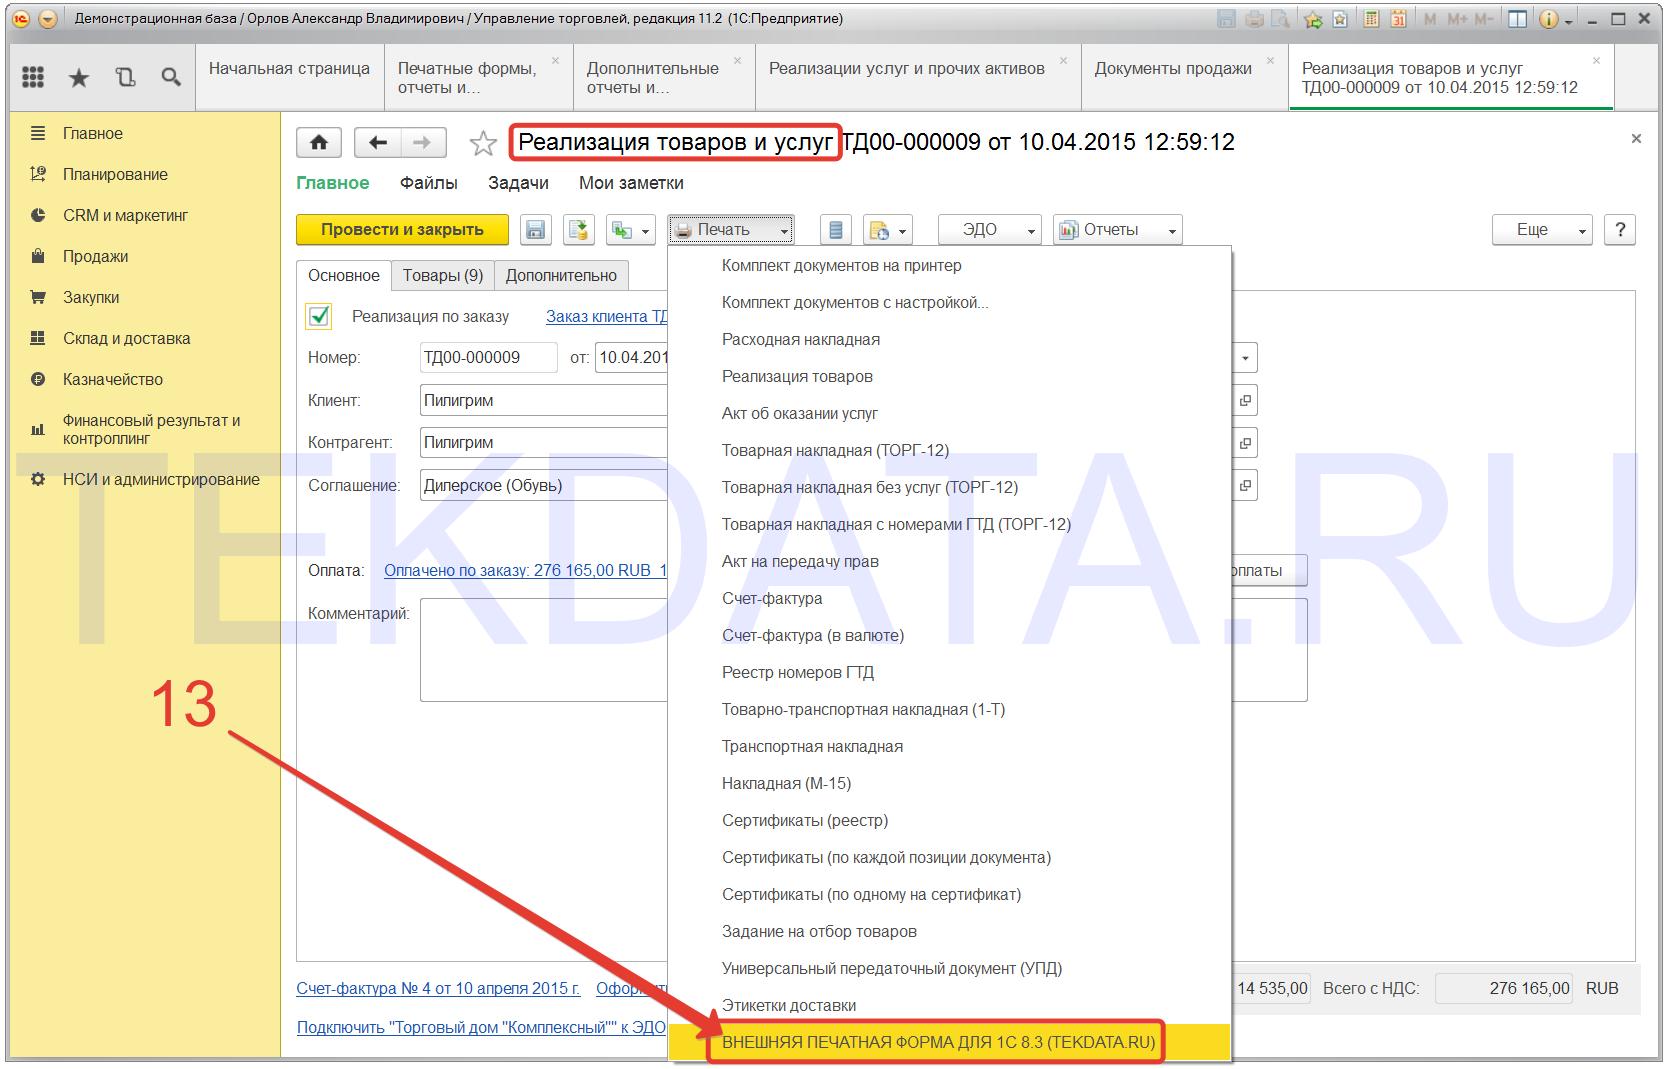 Подключение внешней печатной формы 1С 8.3 (Действия 12) | tekdata.ru